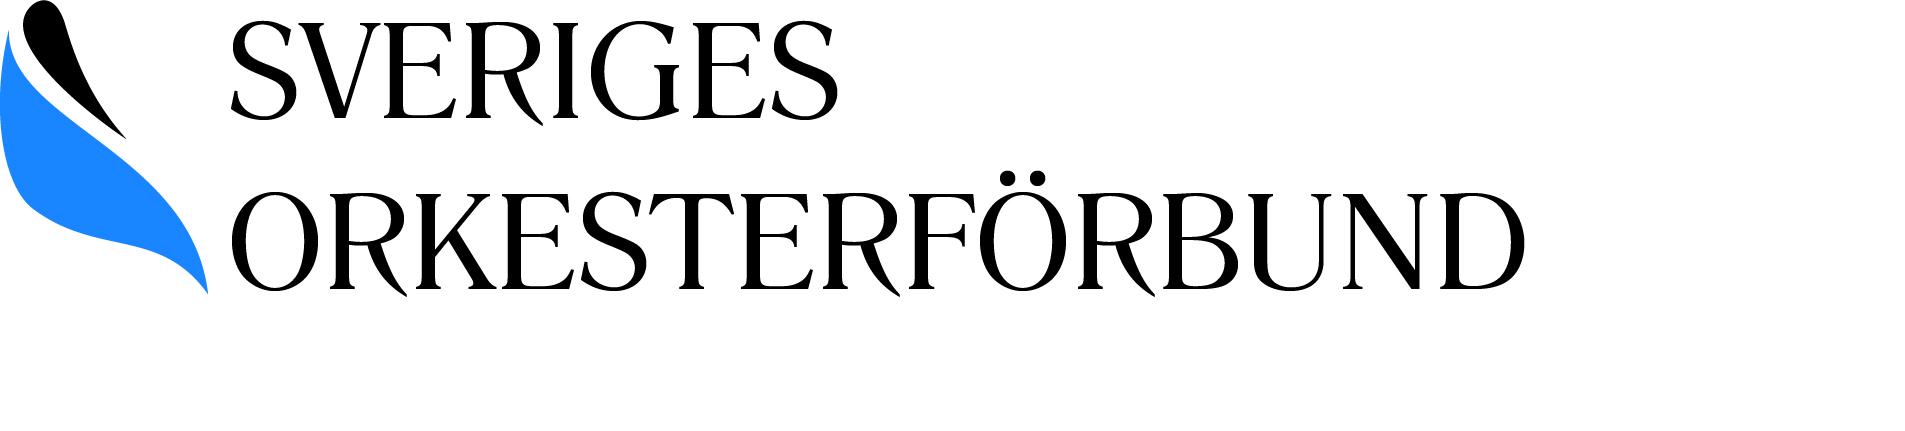 Orkesterförbundet stöttar Nora kammarmusikfestival 2017